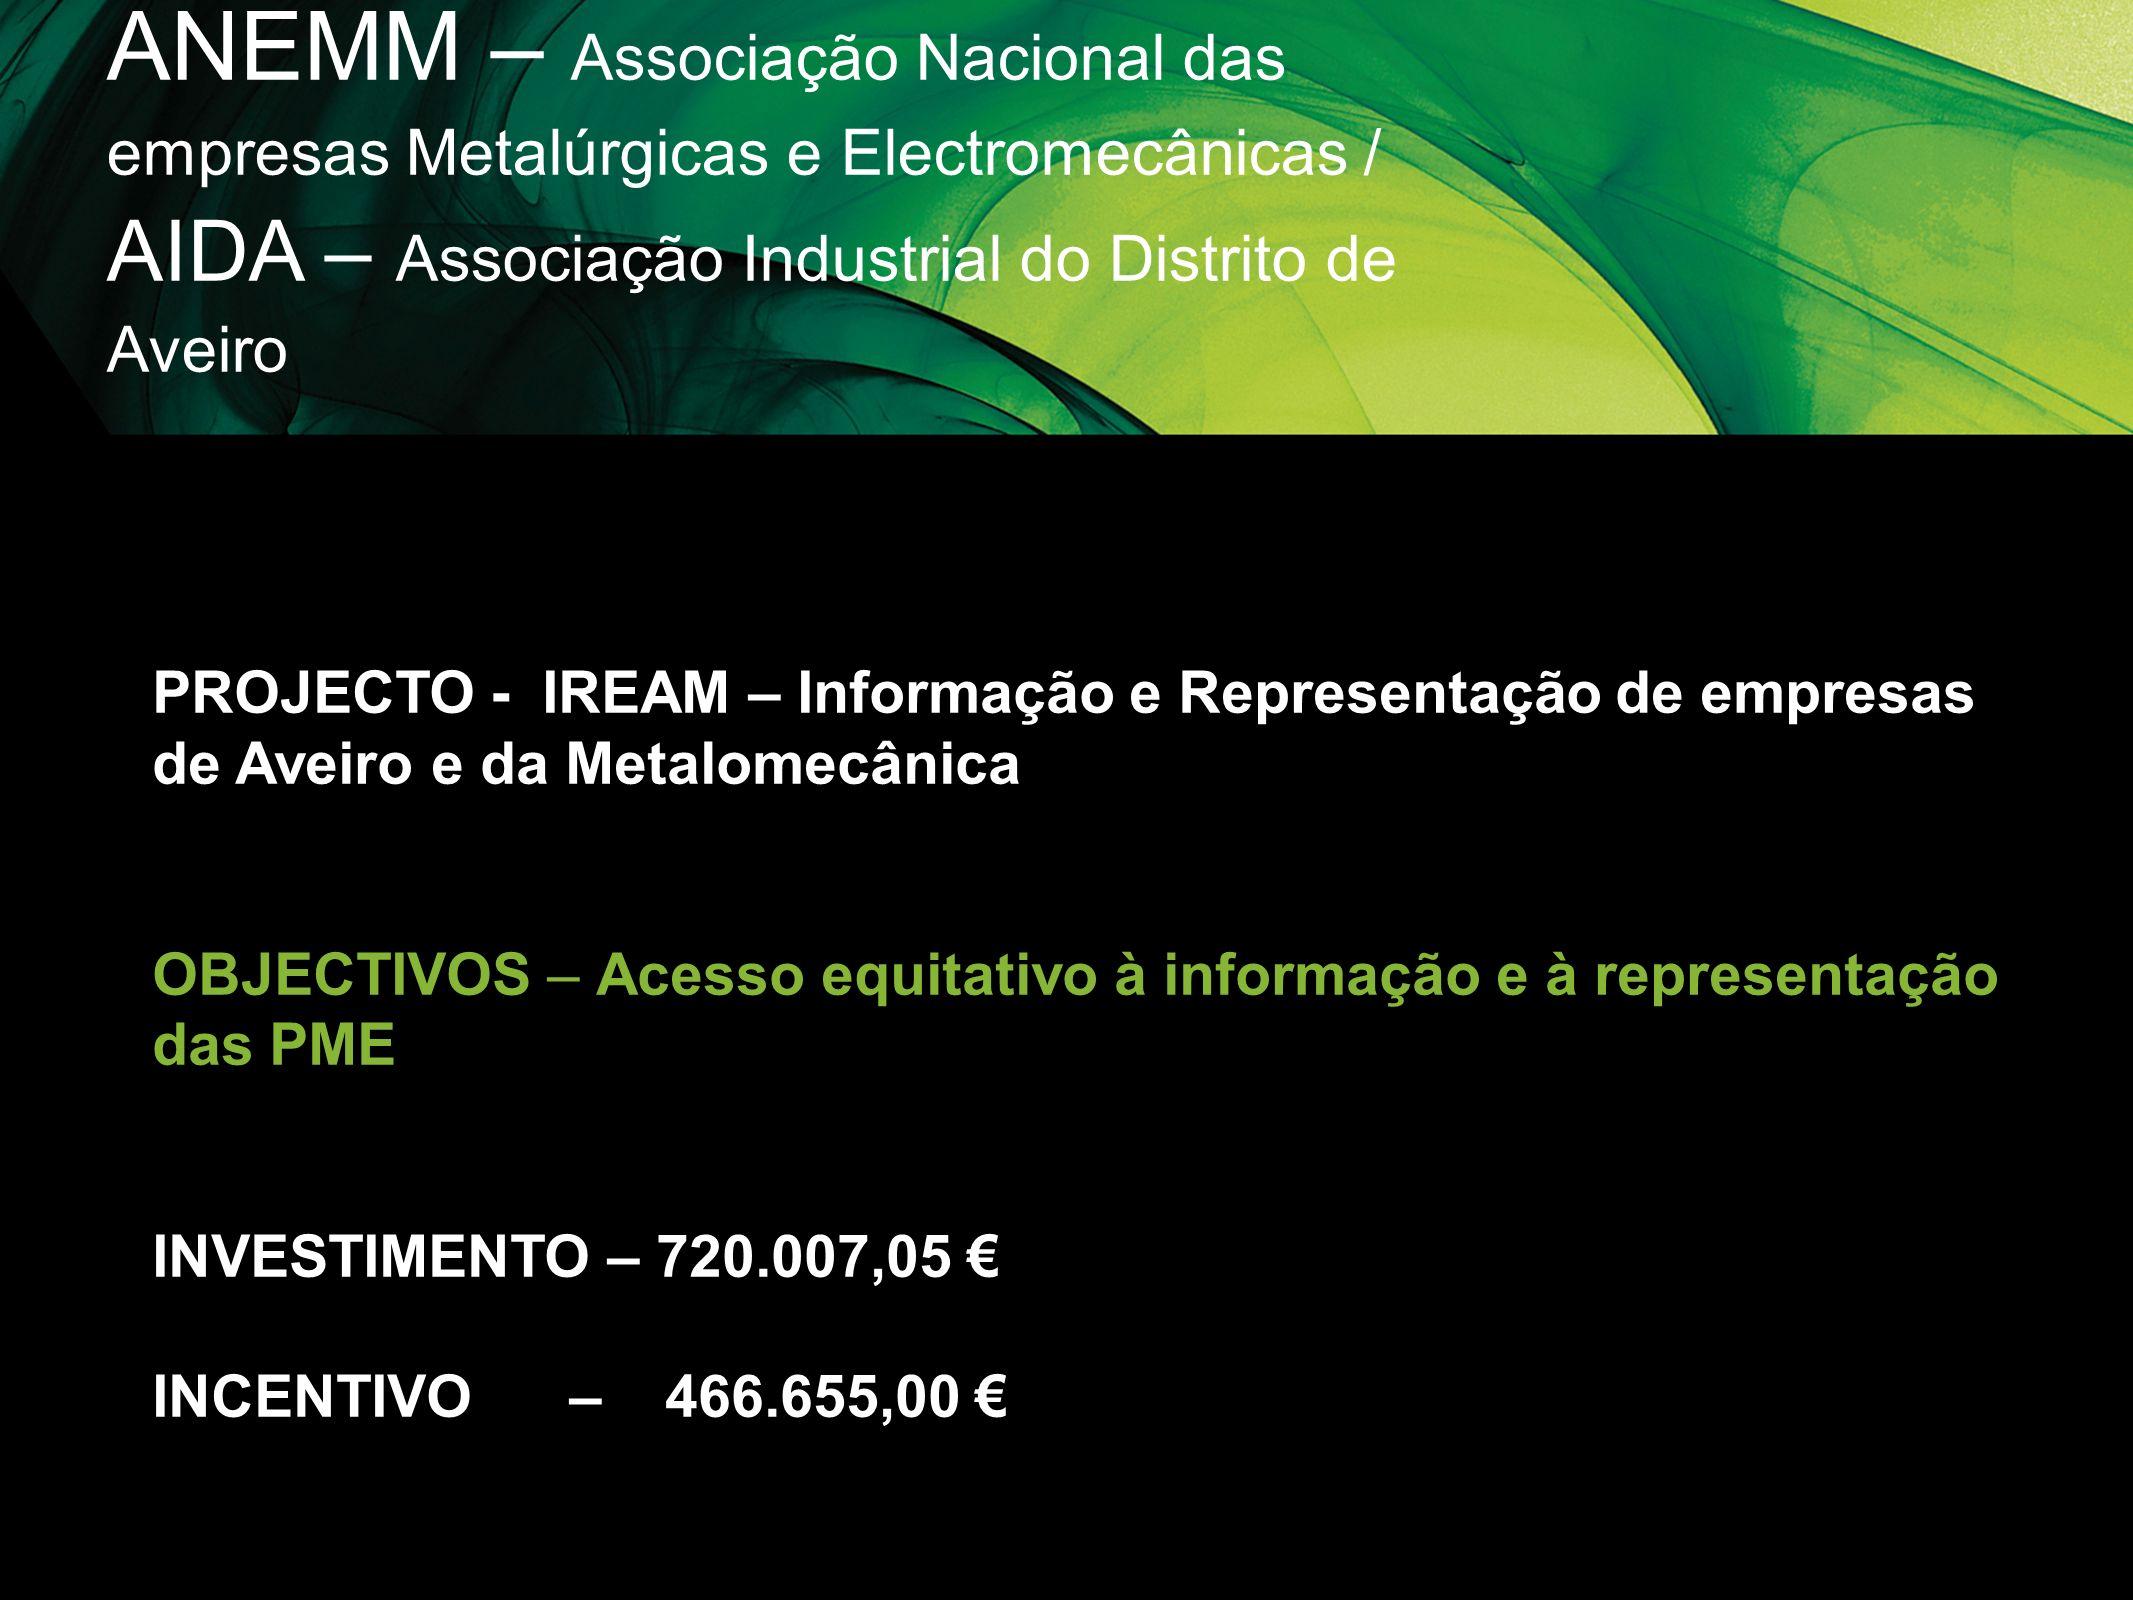 ANEMM – Associação Nacional das empresas Metalúrgicas e Electromecânicas / AIDA – Associação Industrial do Distrito de Aveiro